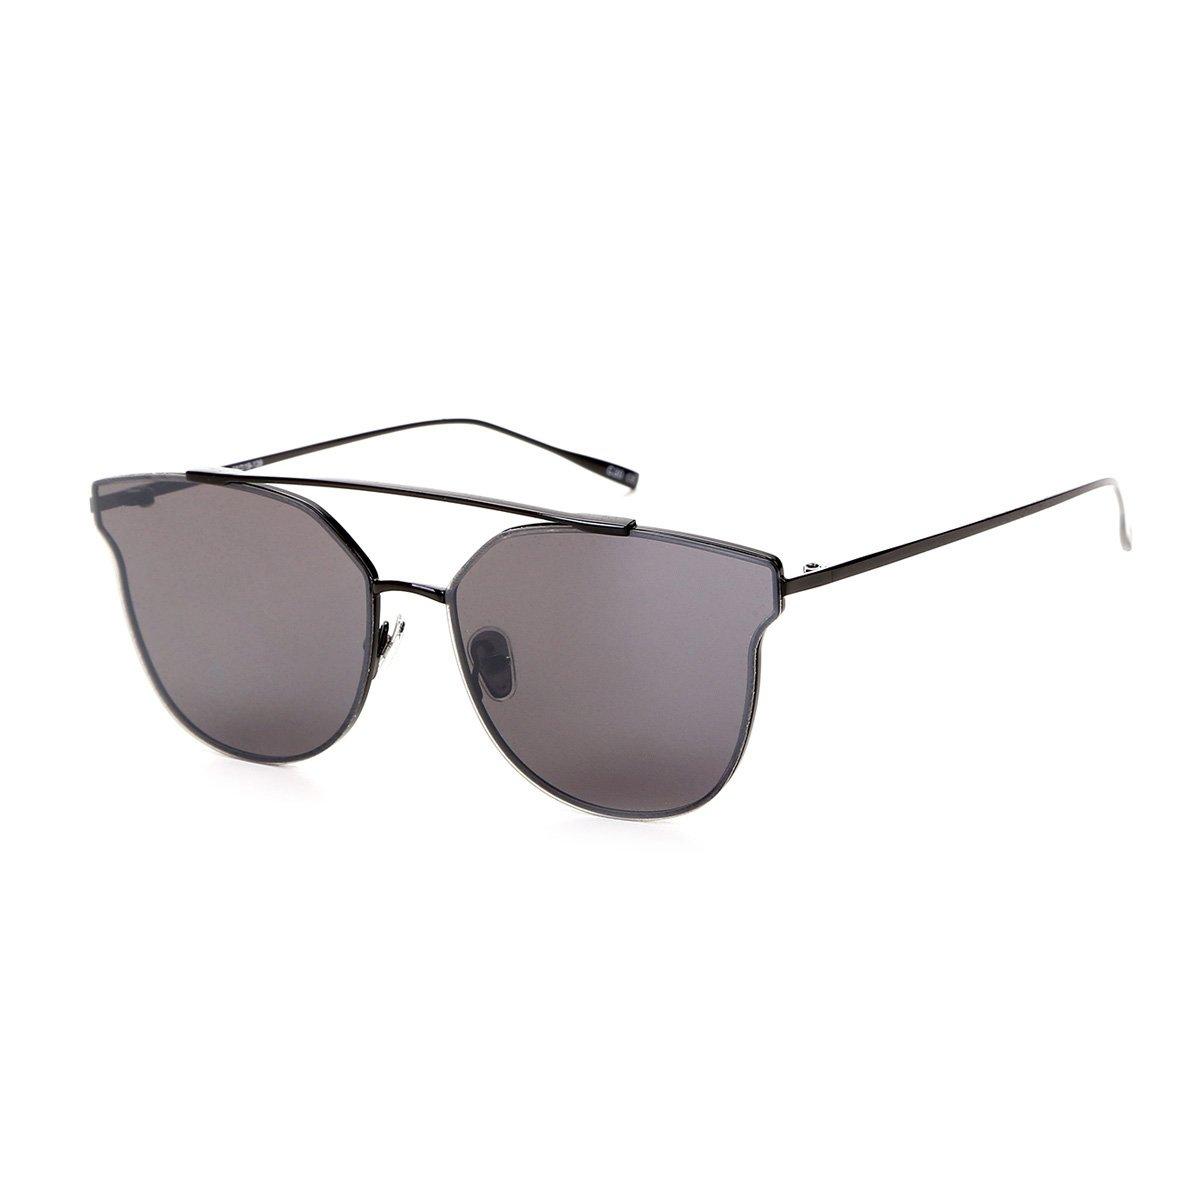 6957a0b71034c Óculos King One S30048 - Compre Agora